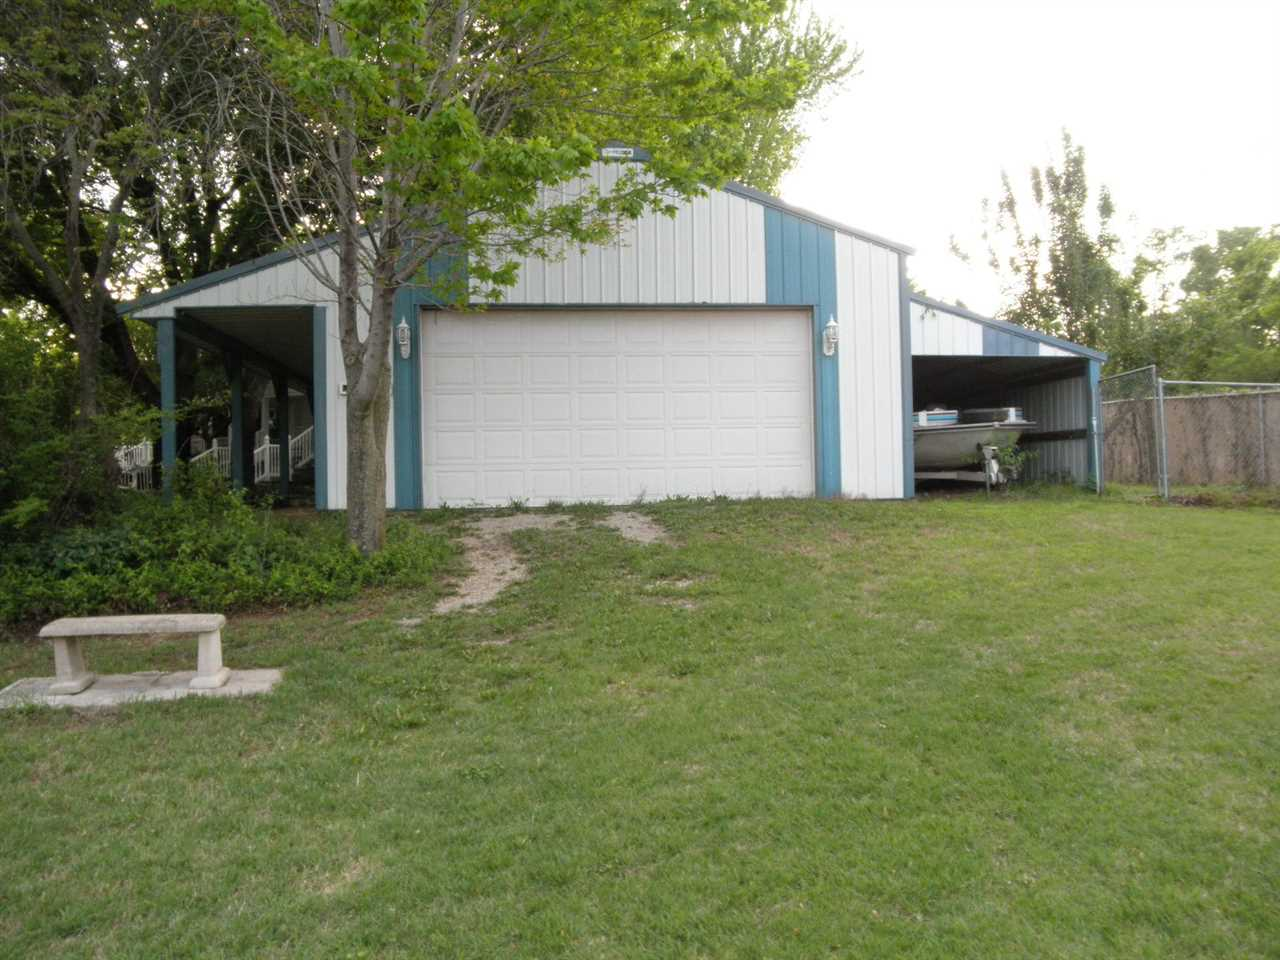 Sold Cross Sale W/ MLS | 1 Northfork Rd. Kaw City, OK 74641 26